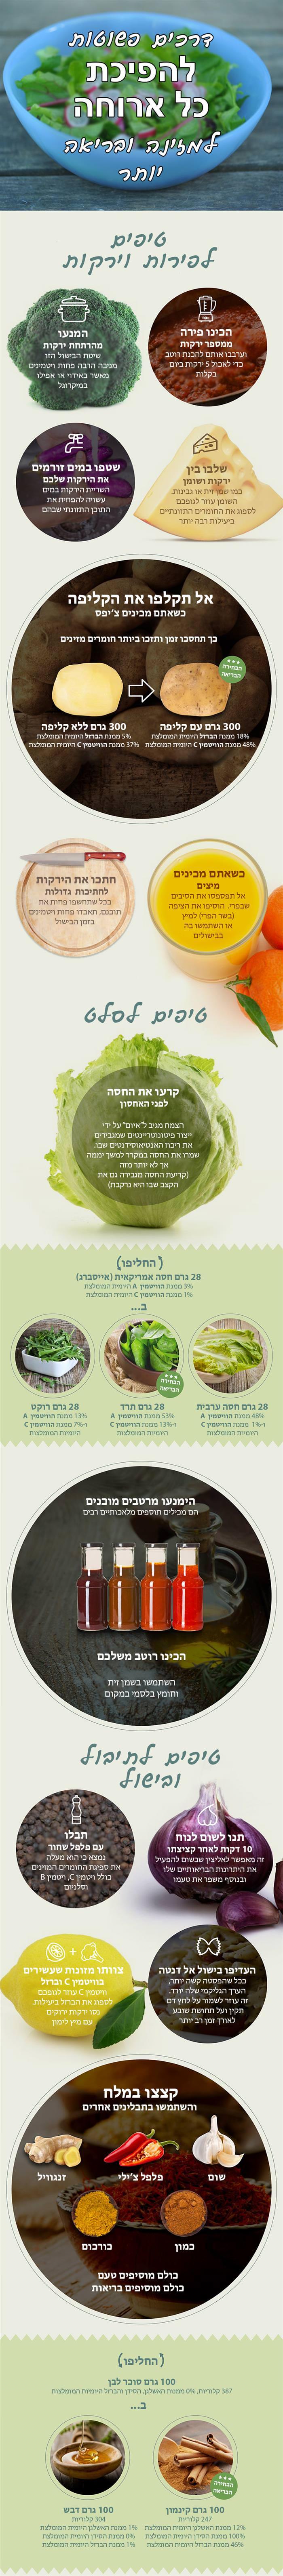 טיפים לארוחות בריאות ומזינות